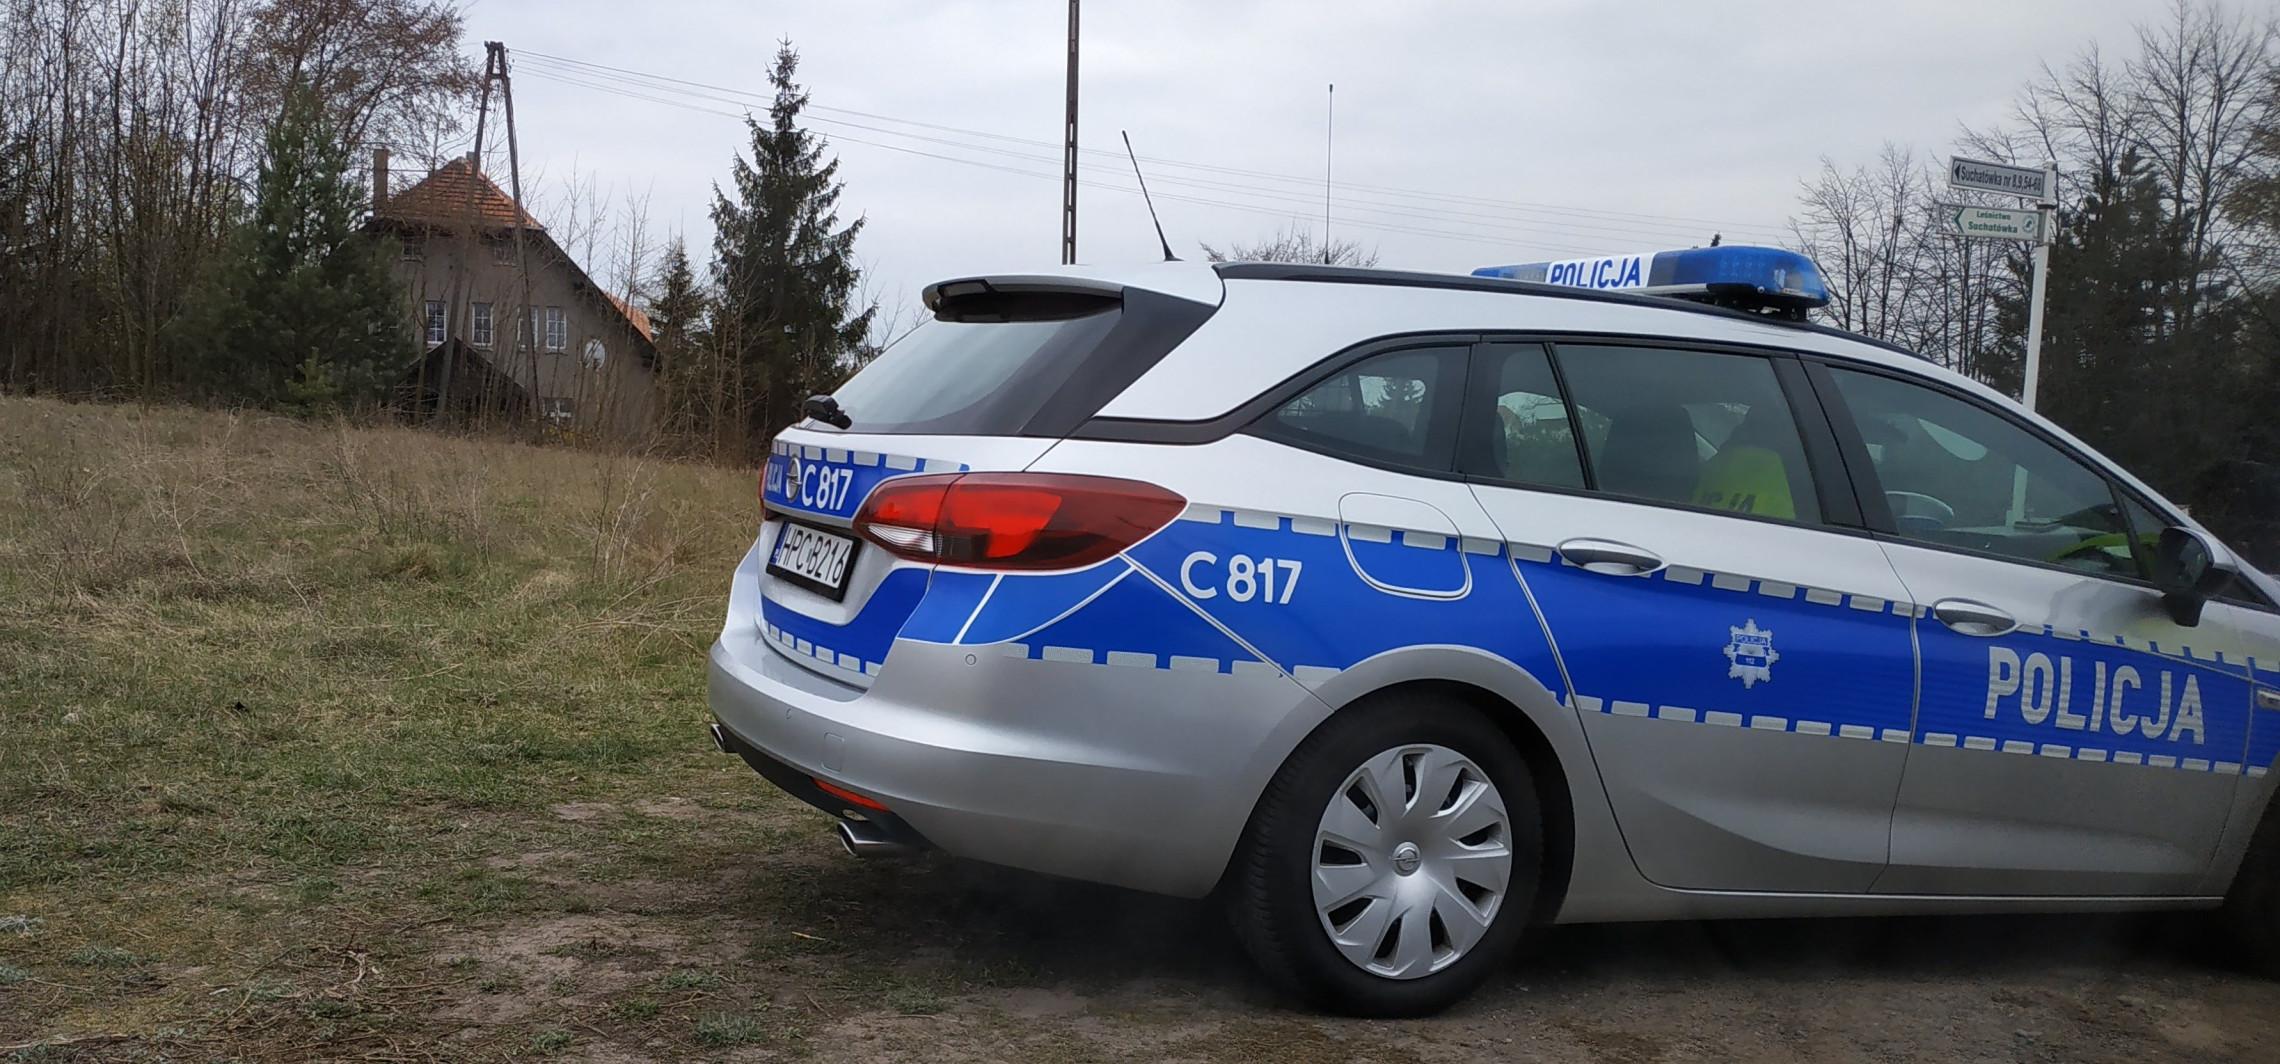 20-latka jechała 112 km/h przez Suchatówkę